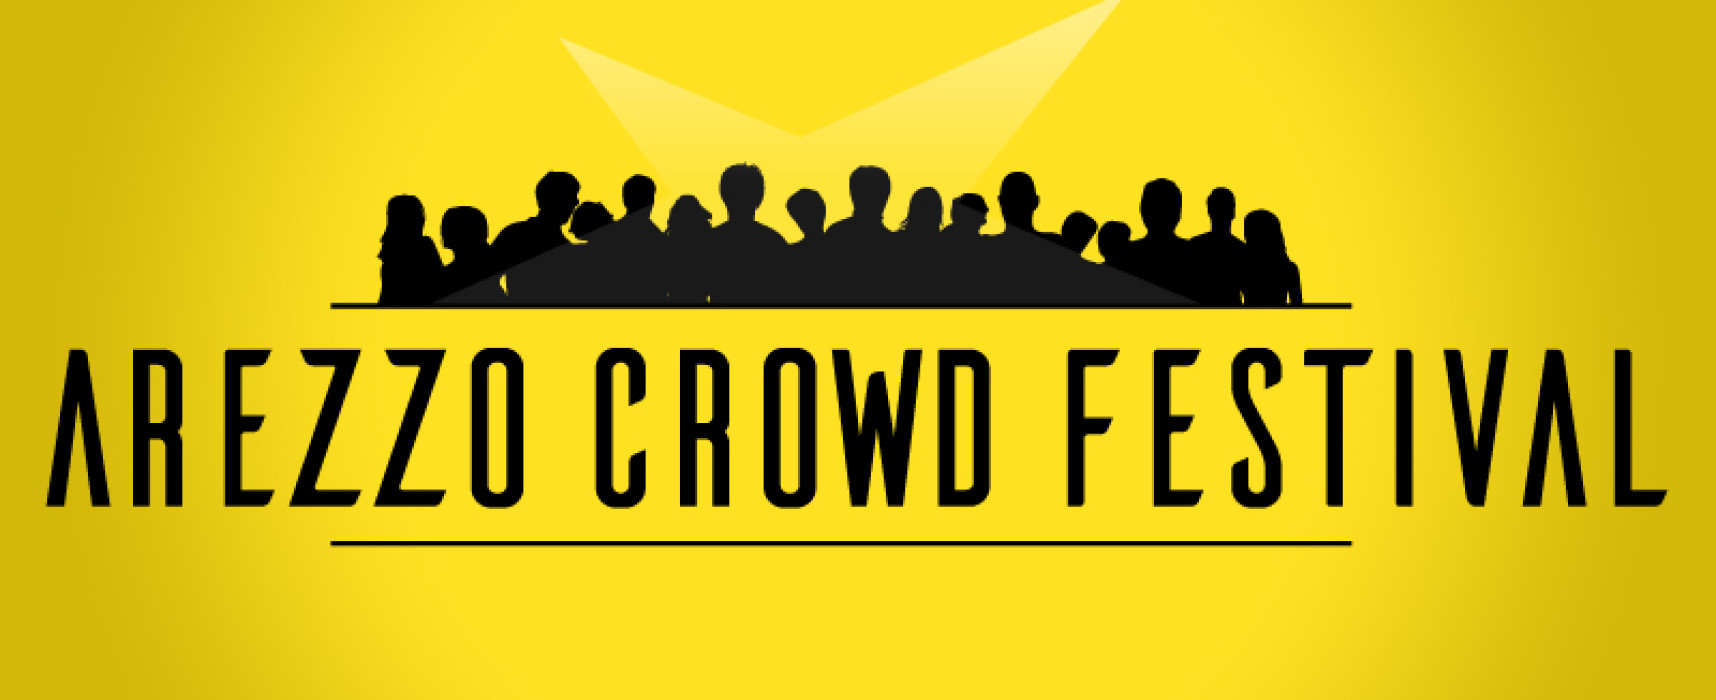 Arezzo Crowd Festival lancia il Crowd Dinner